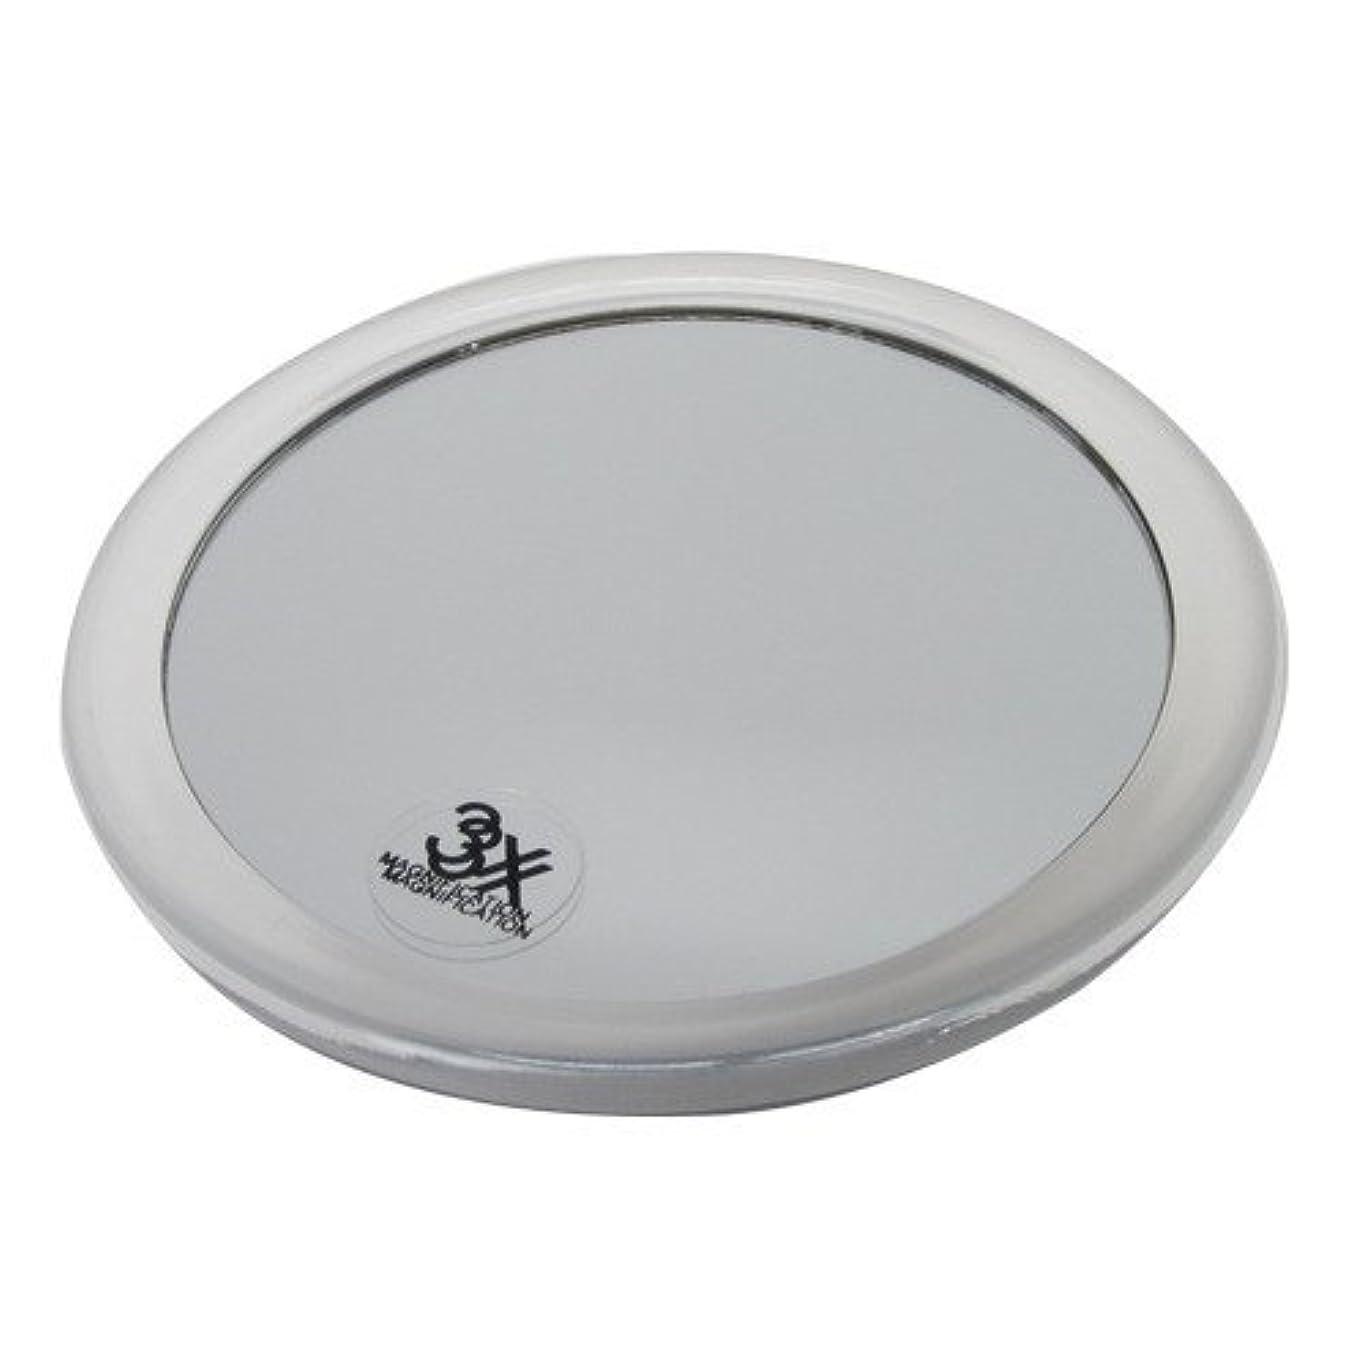 秘密の判決ポータブル吸盤付コスメティックズームミラー 3倍拡大鏡付き